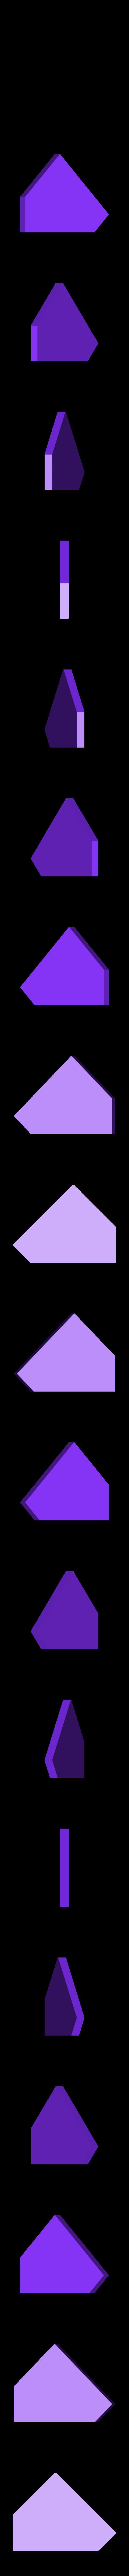 iqPuzzle2.STL Télécharger fichier STL gratuit Puzzle Assembler un rectangle de 4 pièces • Objet pour impression 3D, Cerega